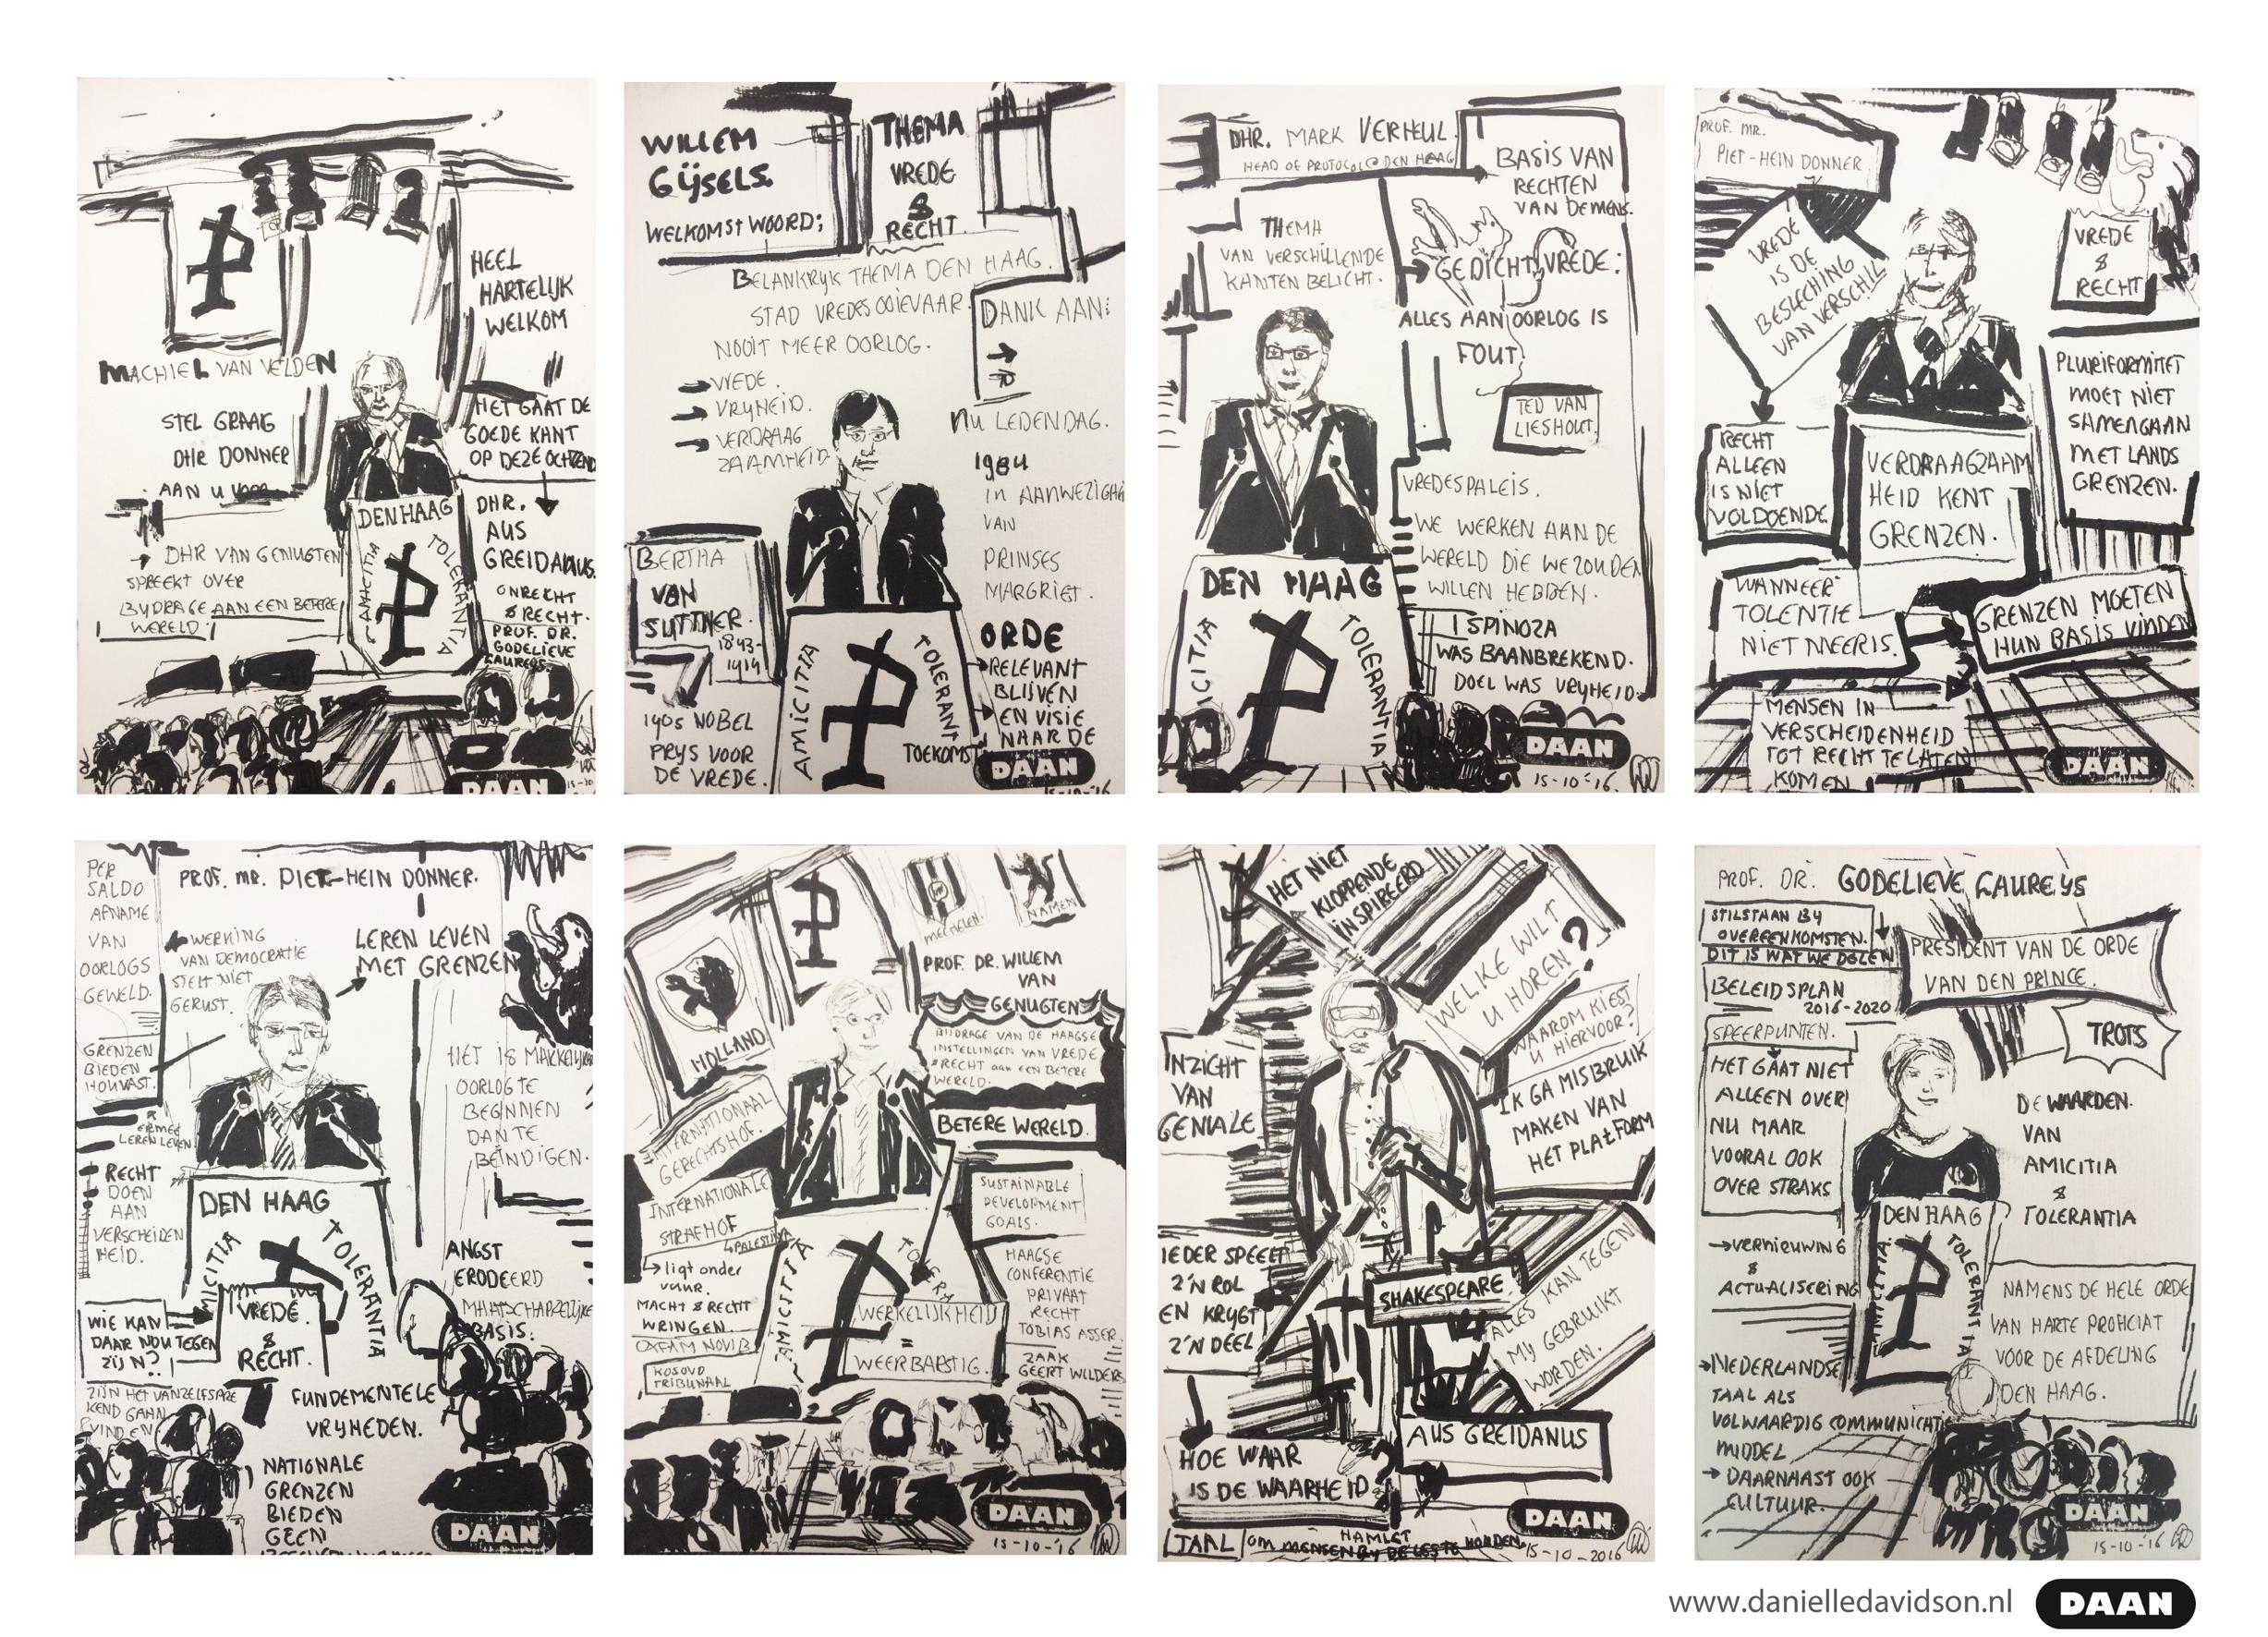 overzicht-tekeningen-daan-ovdp-dd-2016-small